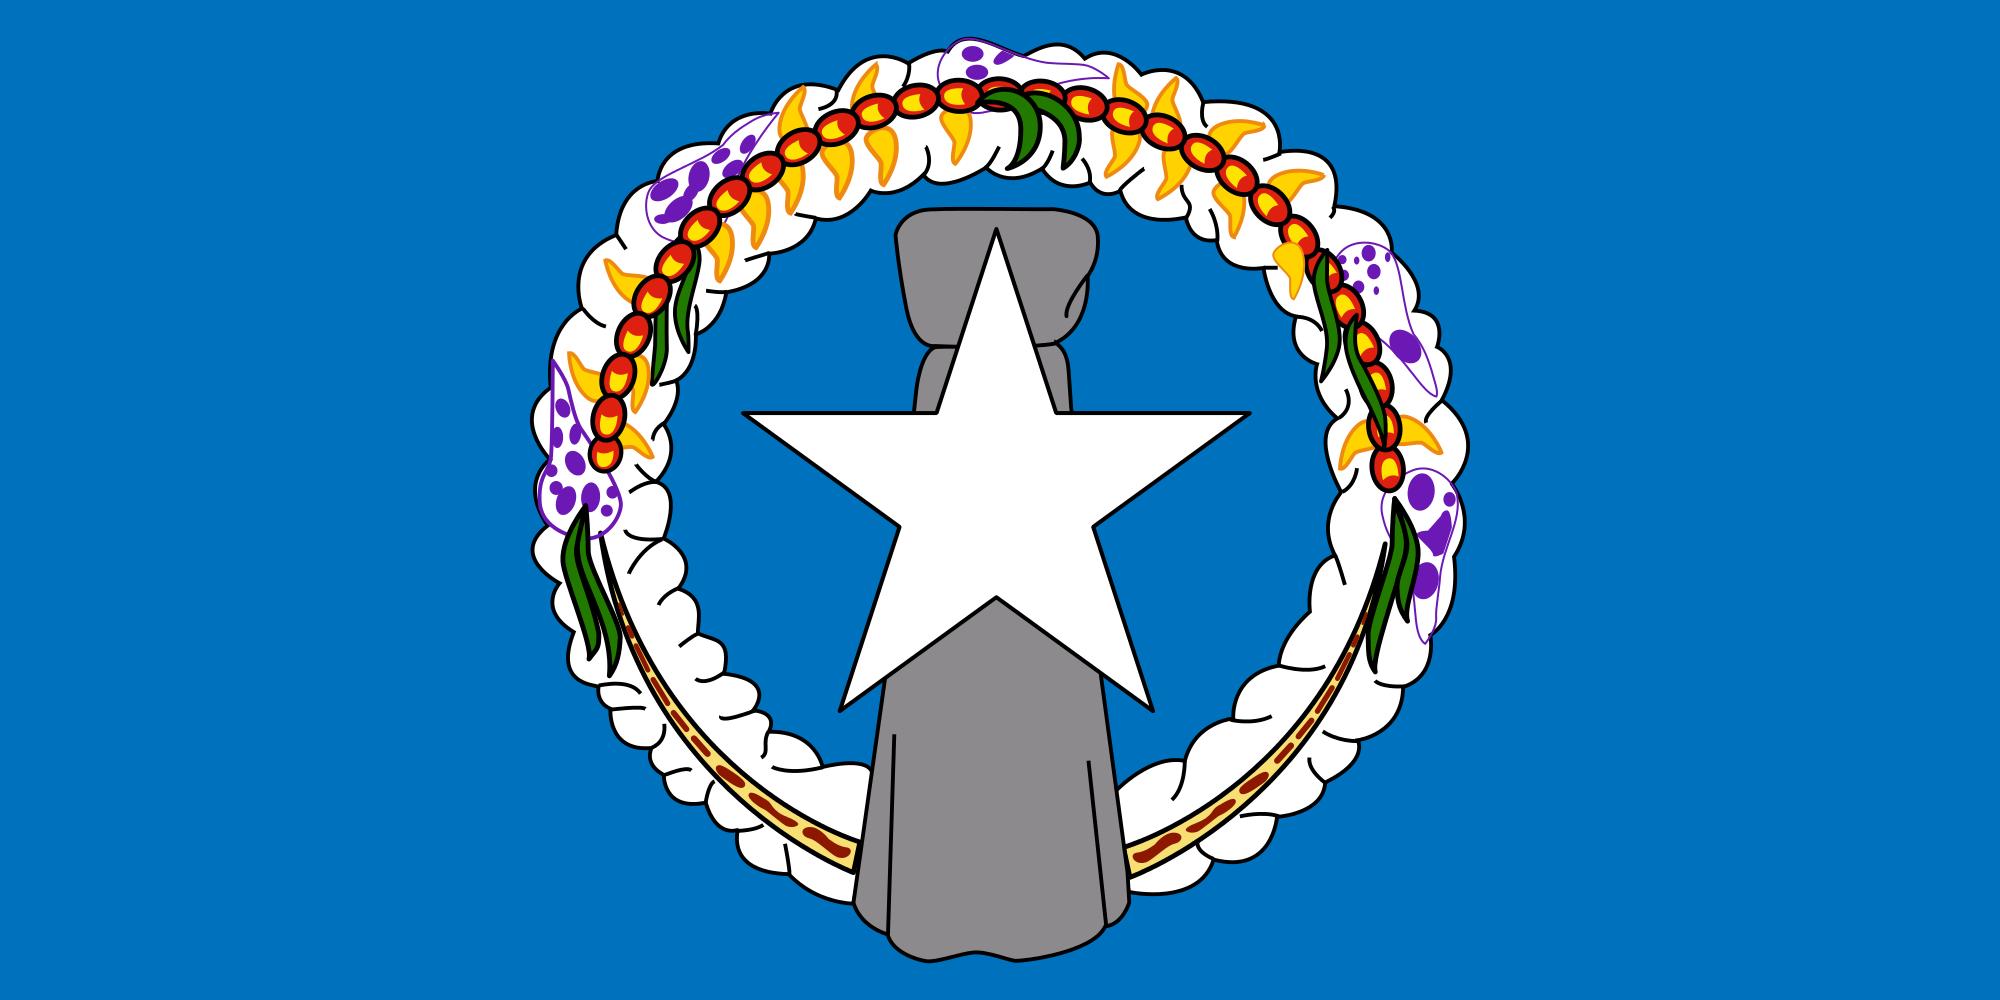 islas marianas del norte, страна, Эмблема, логотип, символ - Обои HD - Профессор falken.com